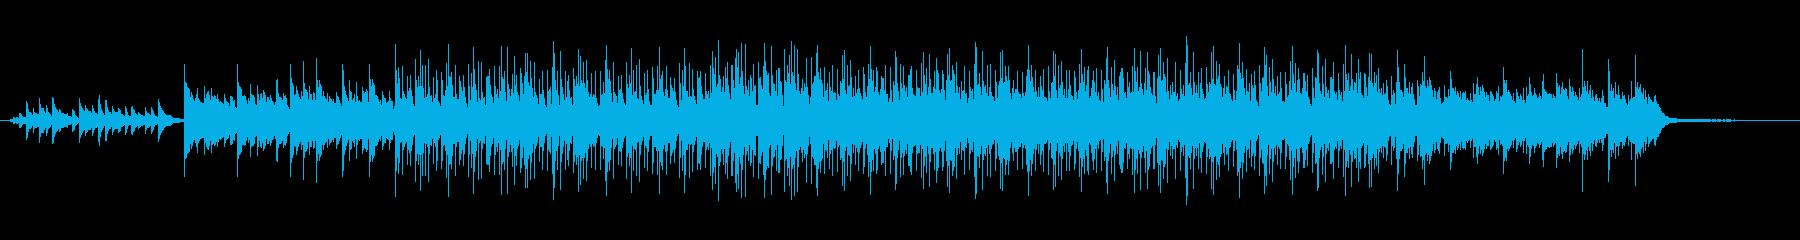 落ち着いたエンディング風のポップスの再生済みの波形